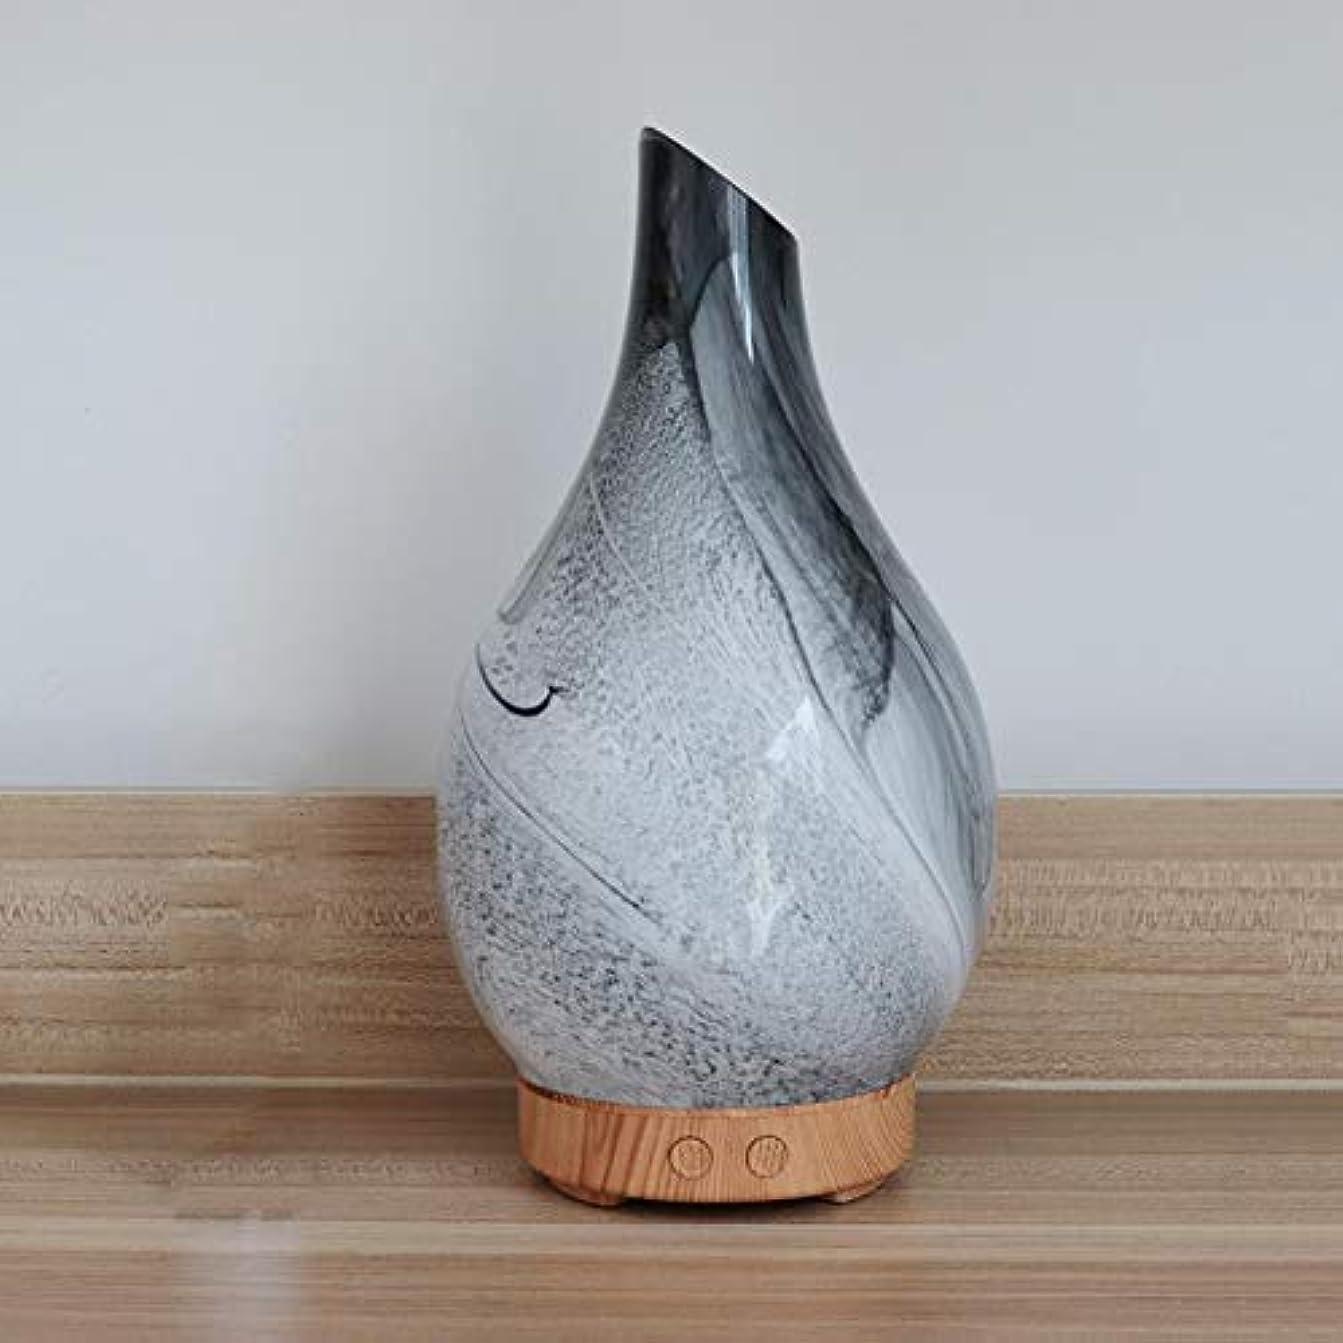 被害者契約叫び声花瓶の形 ガラス デスクトップ 加湿器,7 色 美しい 加湿機 アロマ 精油 ディフューザー 涼しい霧 空気を浄化 アロマネブライザー-木材